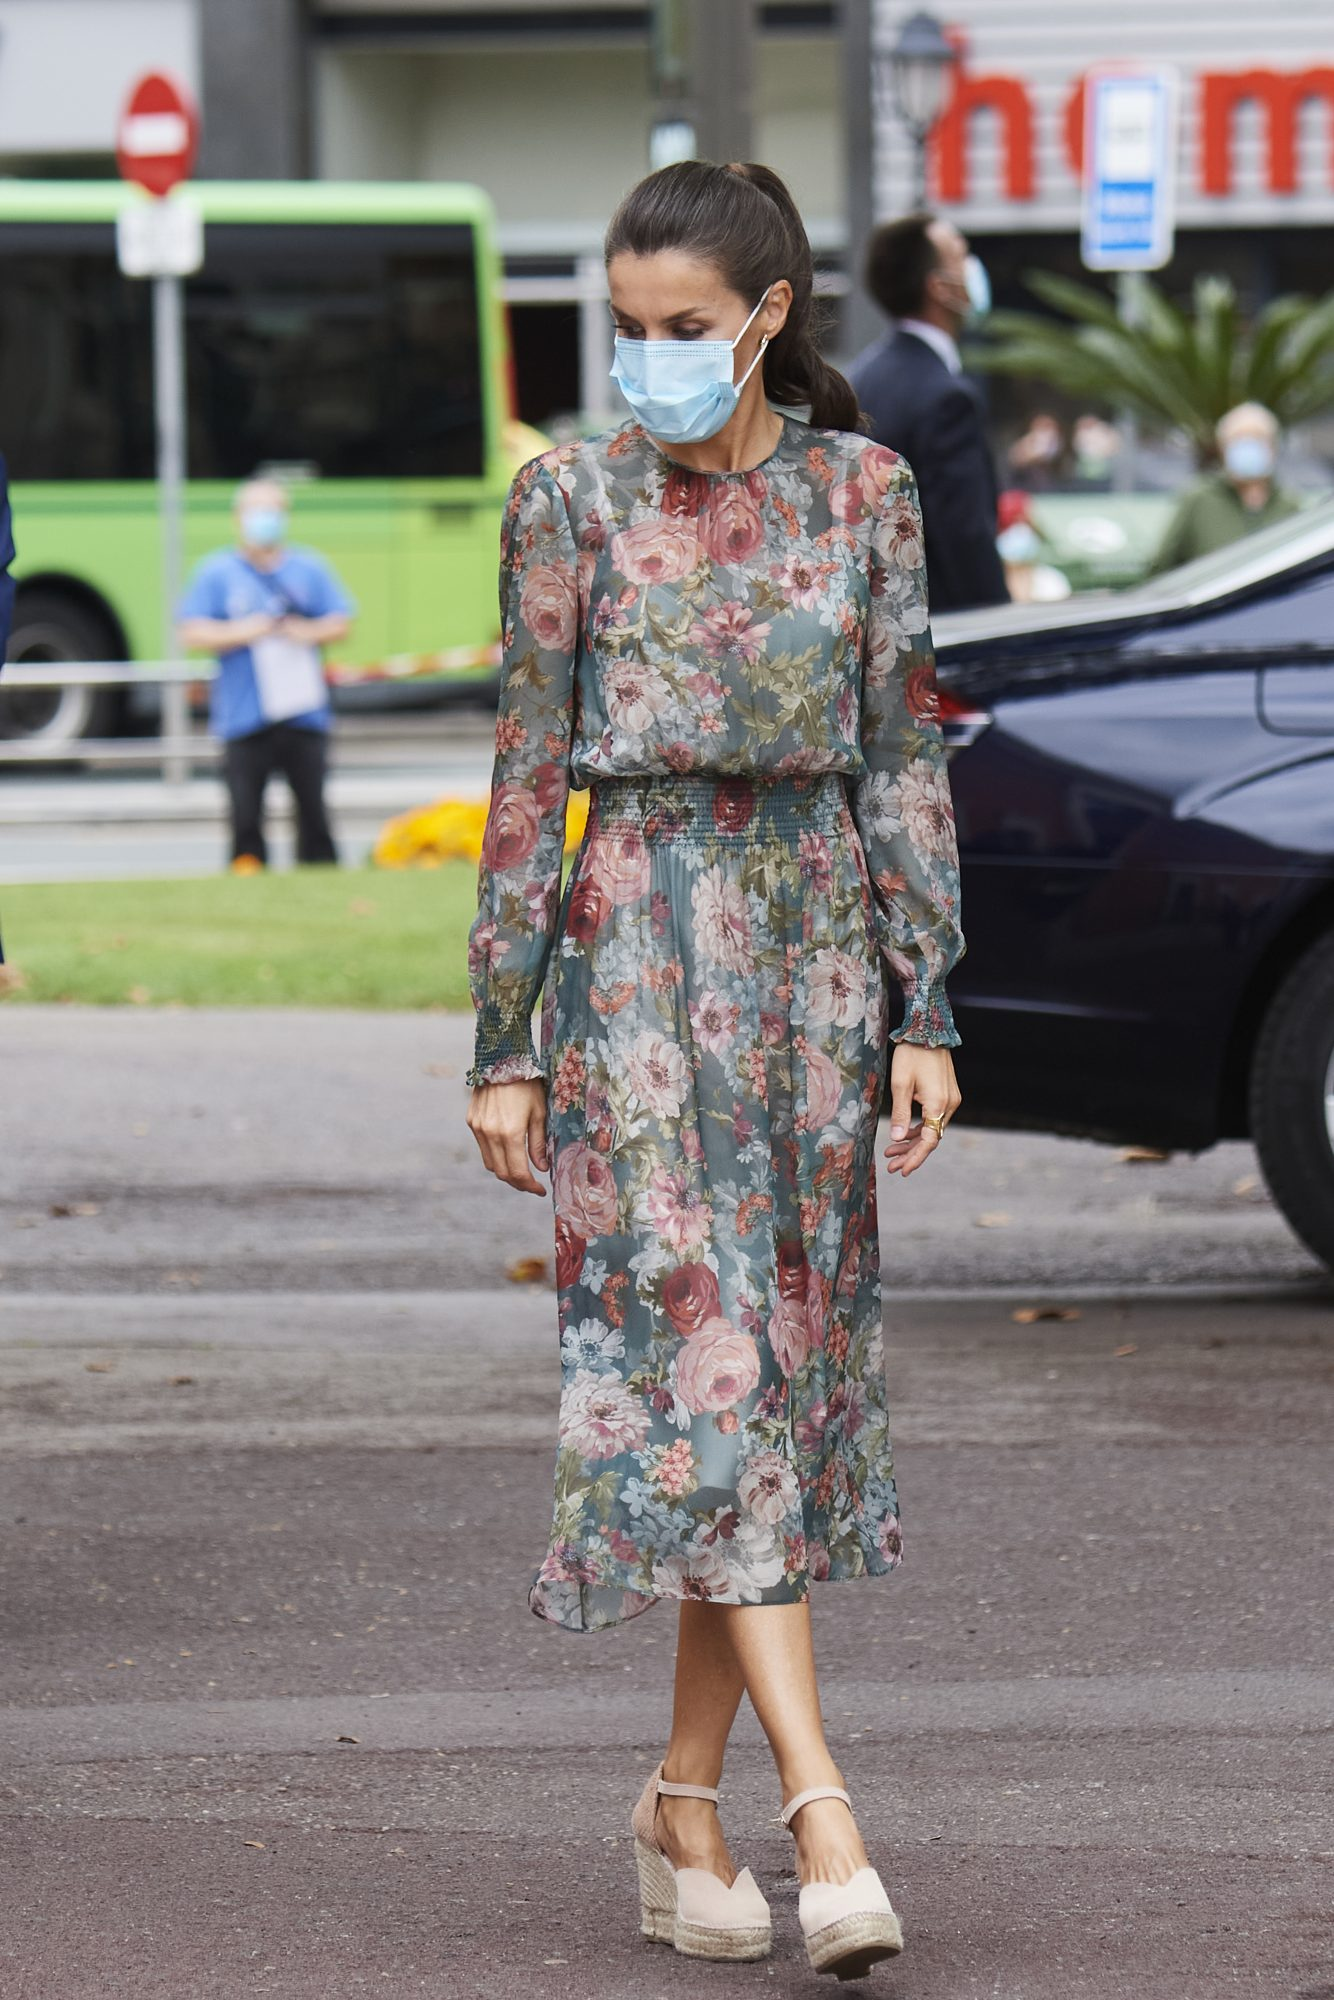 Para visitar el País Vasco, donde el clima es un poco más fresquito, la reina eligió un vestido de gasa vaporoso con estampado de peonías y sus inseparables alpargatas de la marca española Macarena Shoes.